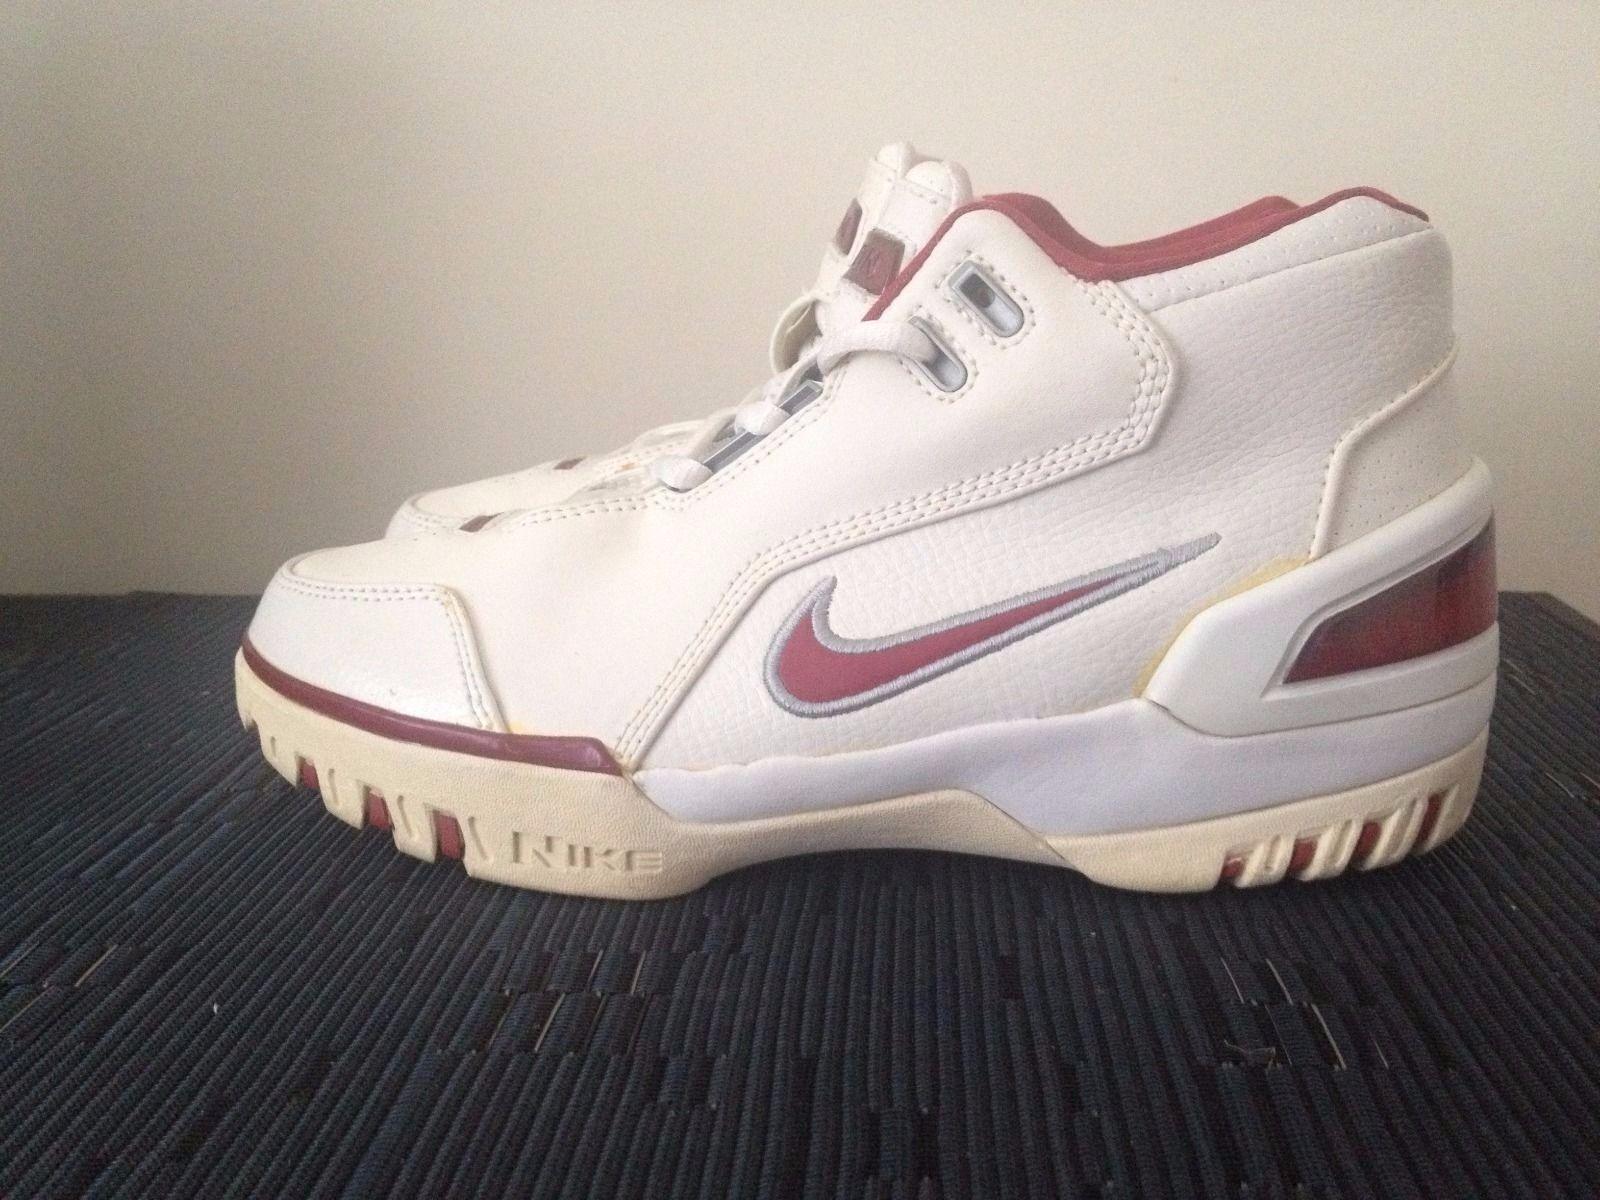 Nike Lebron Zoom Generation 1 Size 6.5Y, 2003 Rare